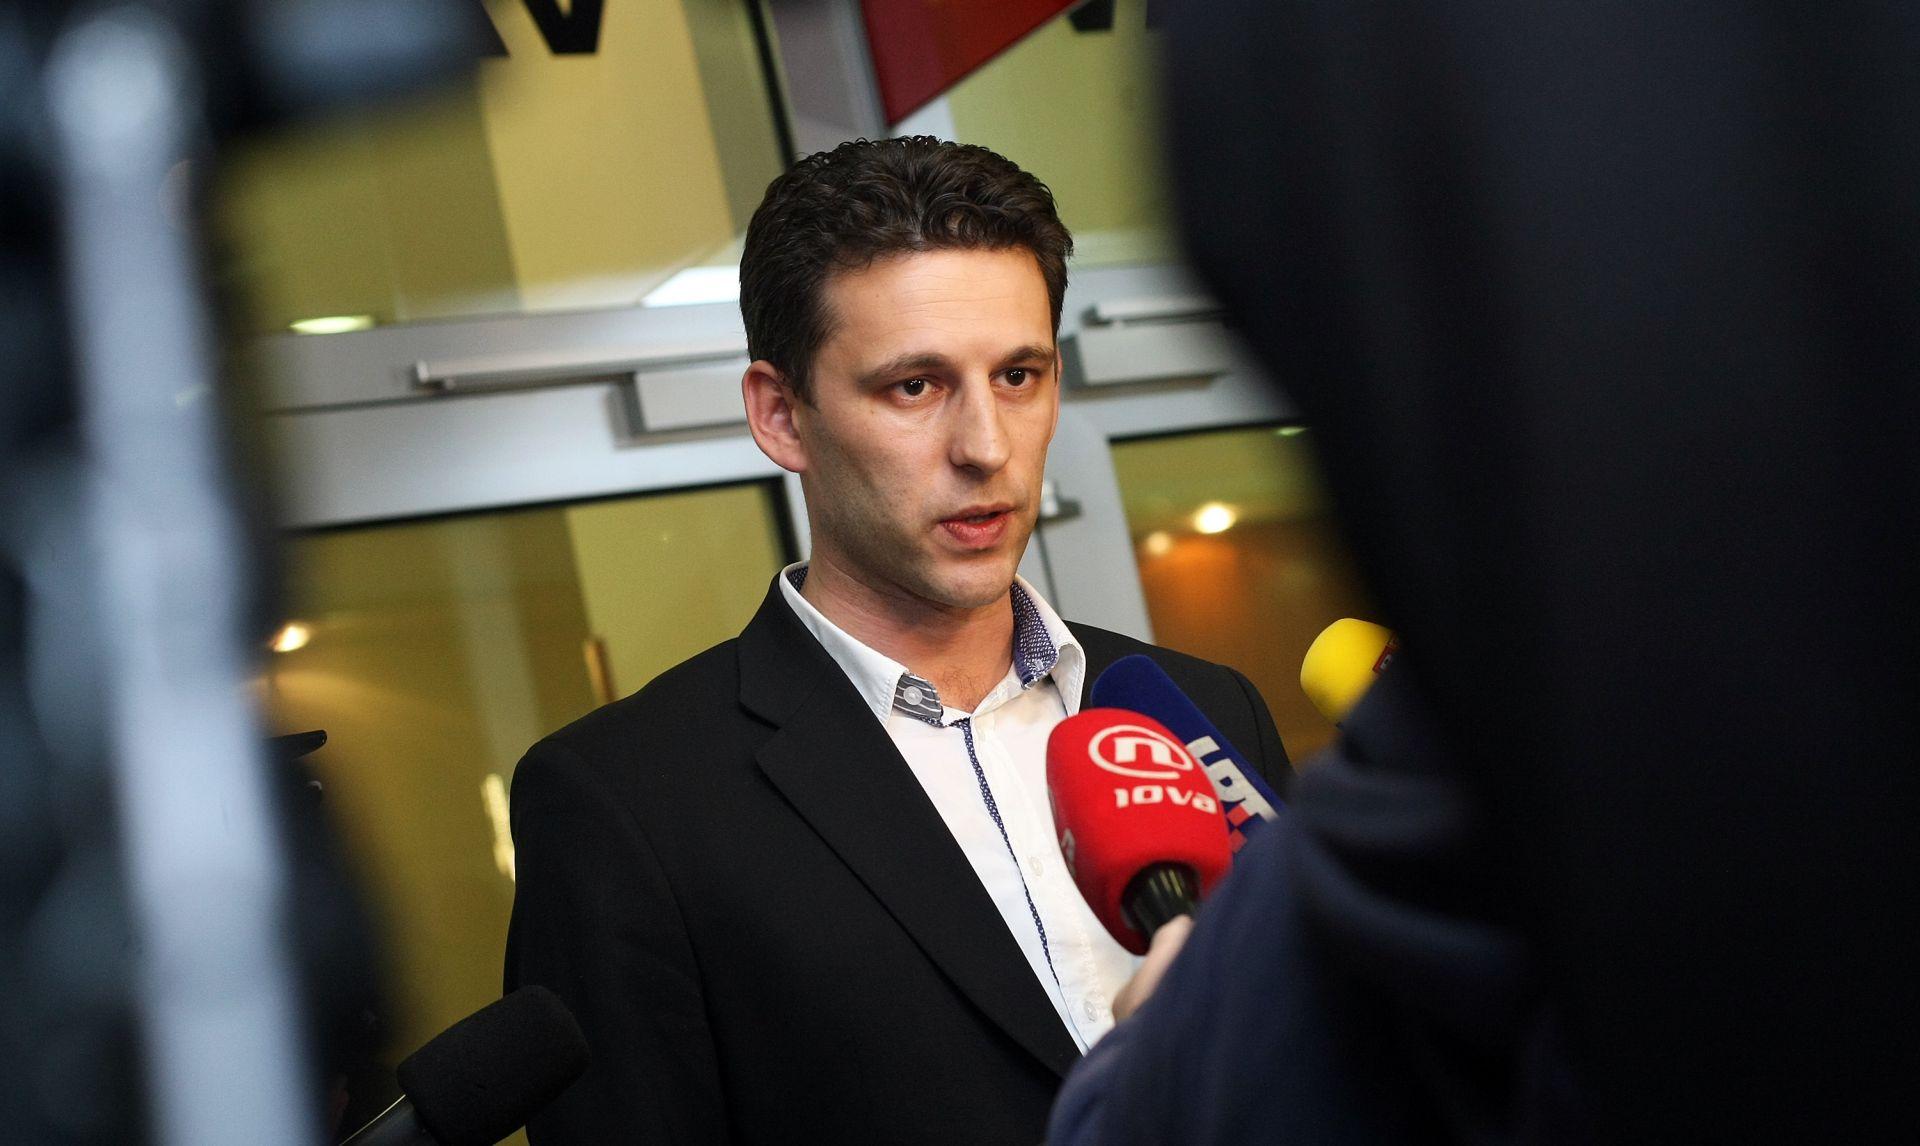 Petrov: Milanovićeva ponuda promašena, Mostu su najvažnije reforme, ne ponude za pozicije